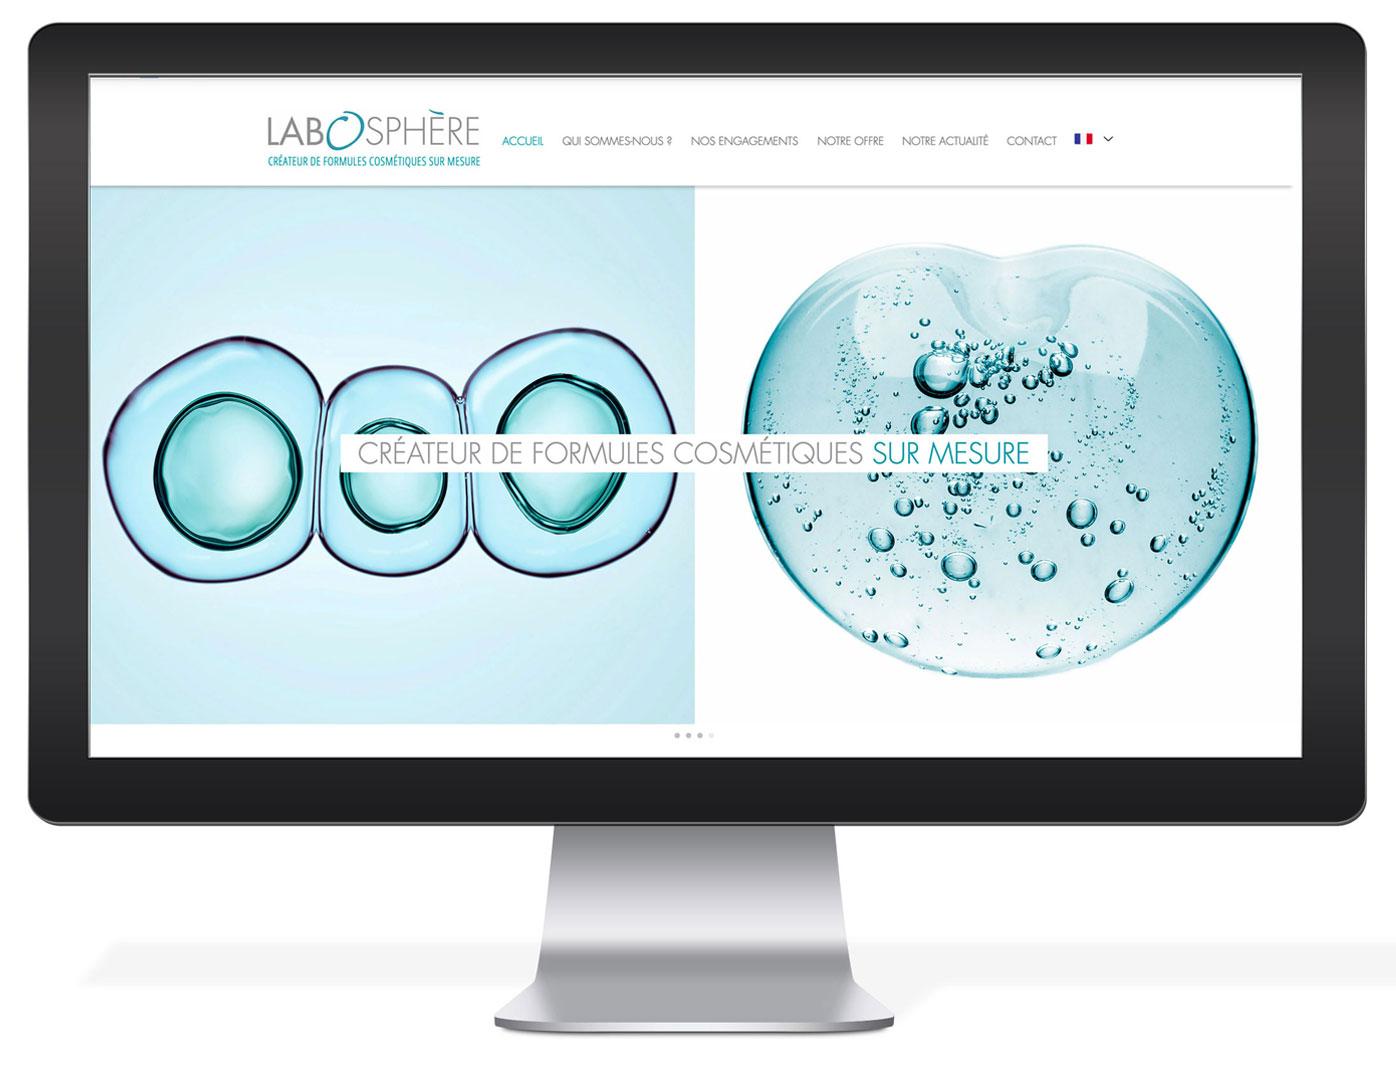 Site -Labosphère